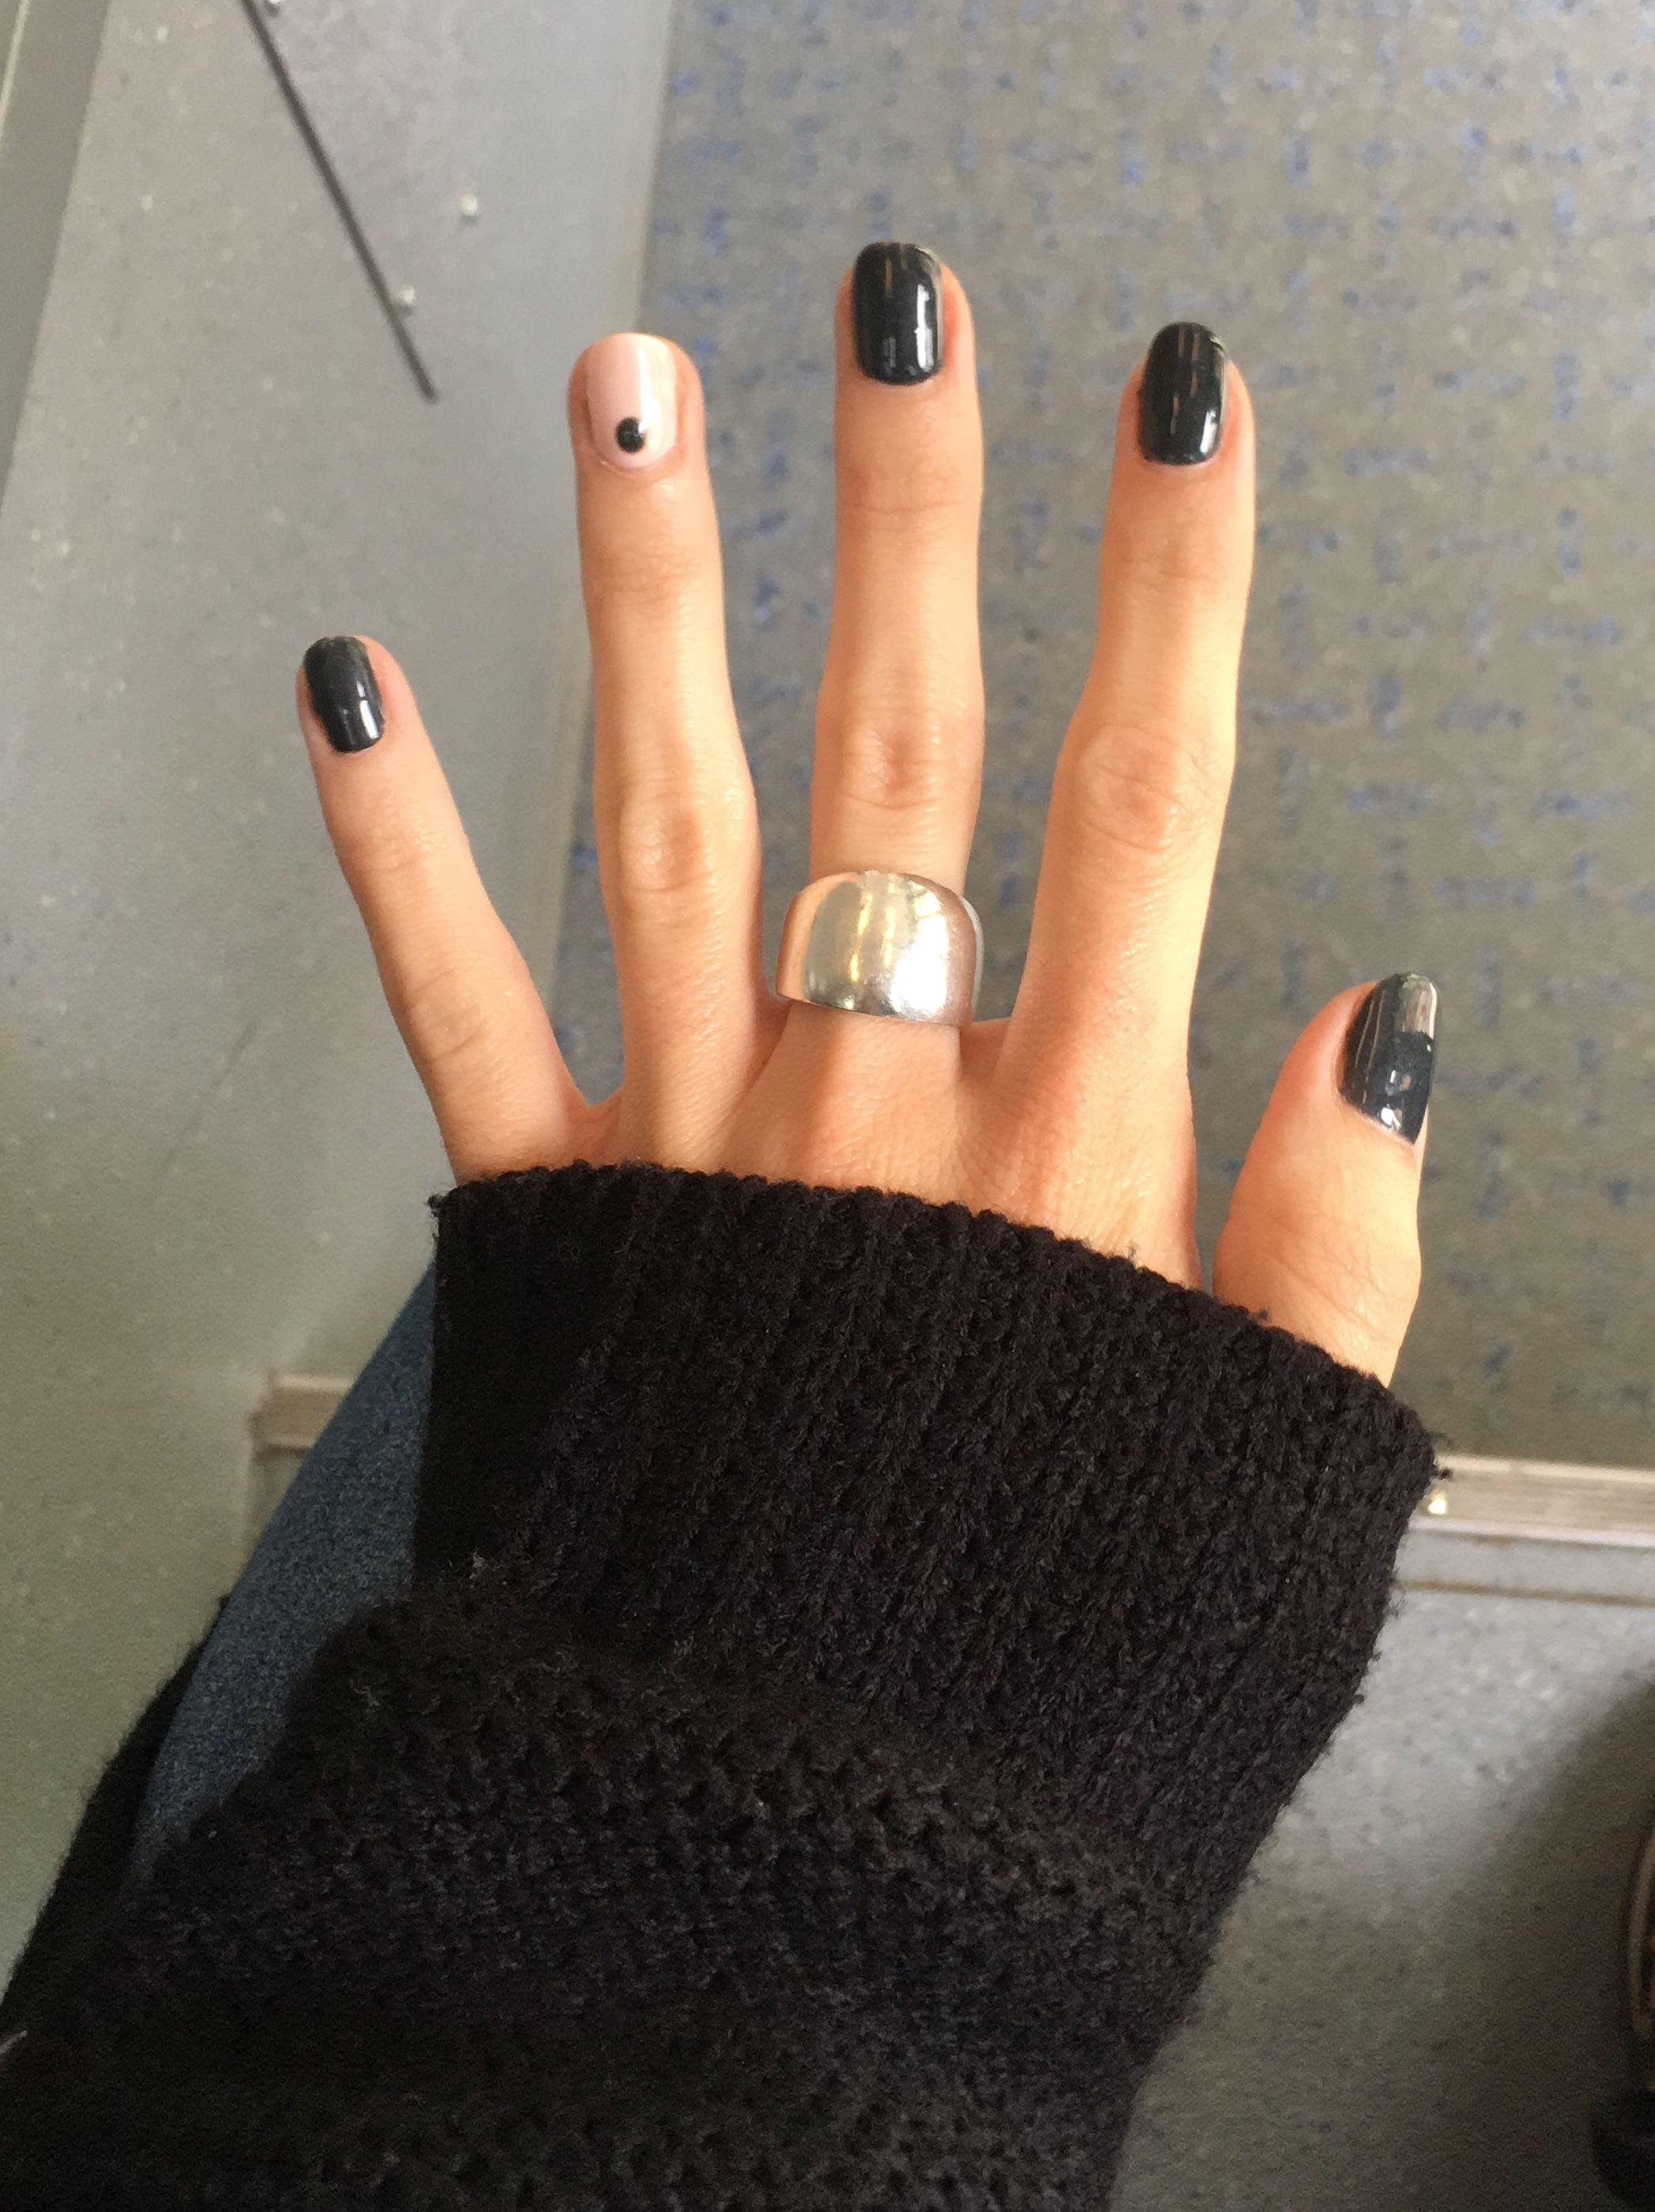 Black Nails With Single Nail Dot Nail Art Nail Ideas Nail Inspiration Manicure Pointed Nails Minimal Nails Minimalist Nails